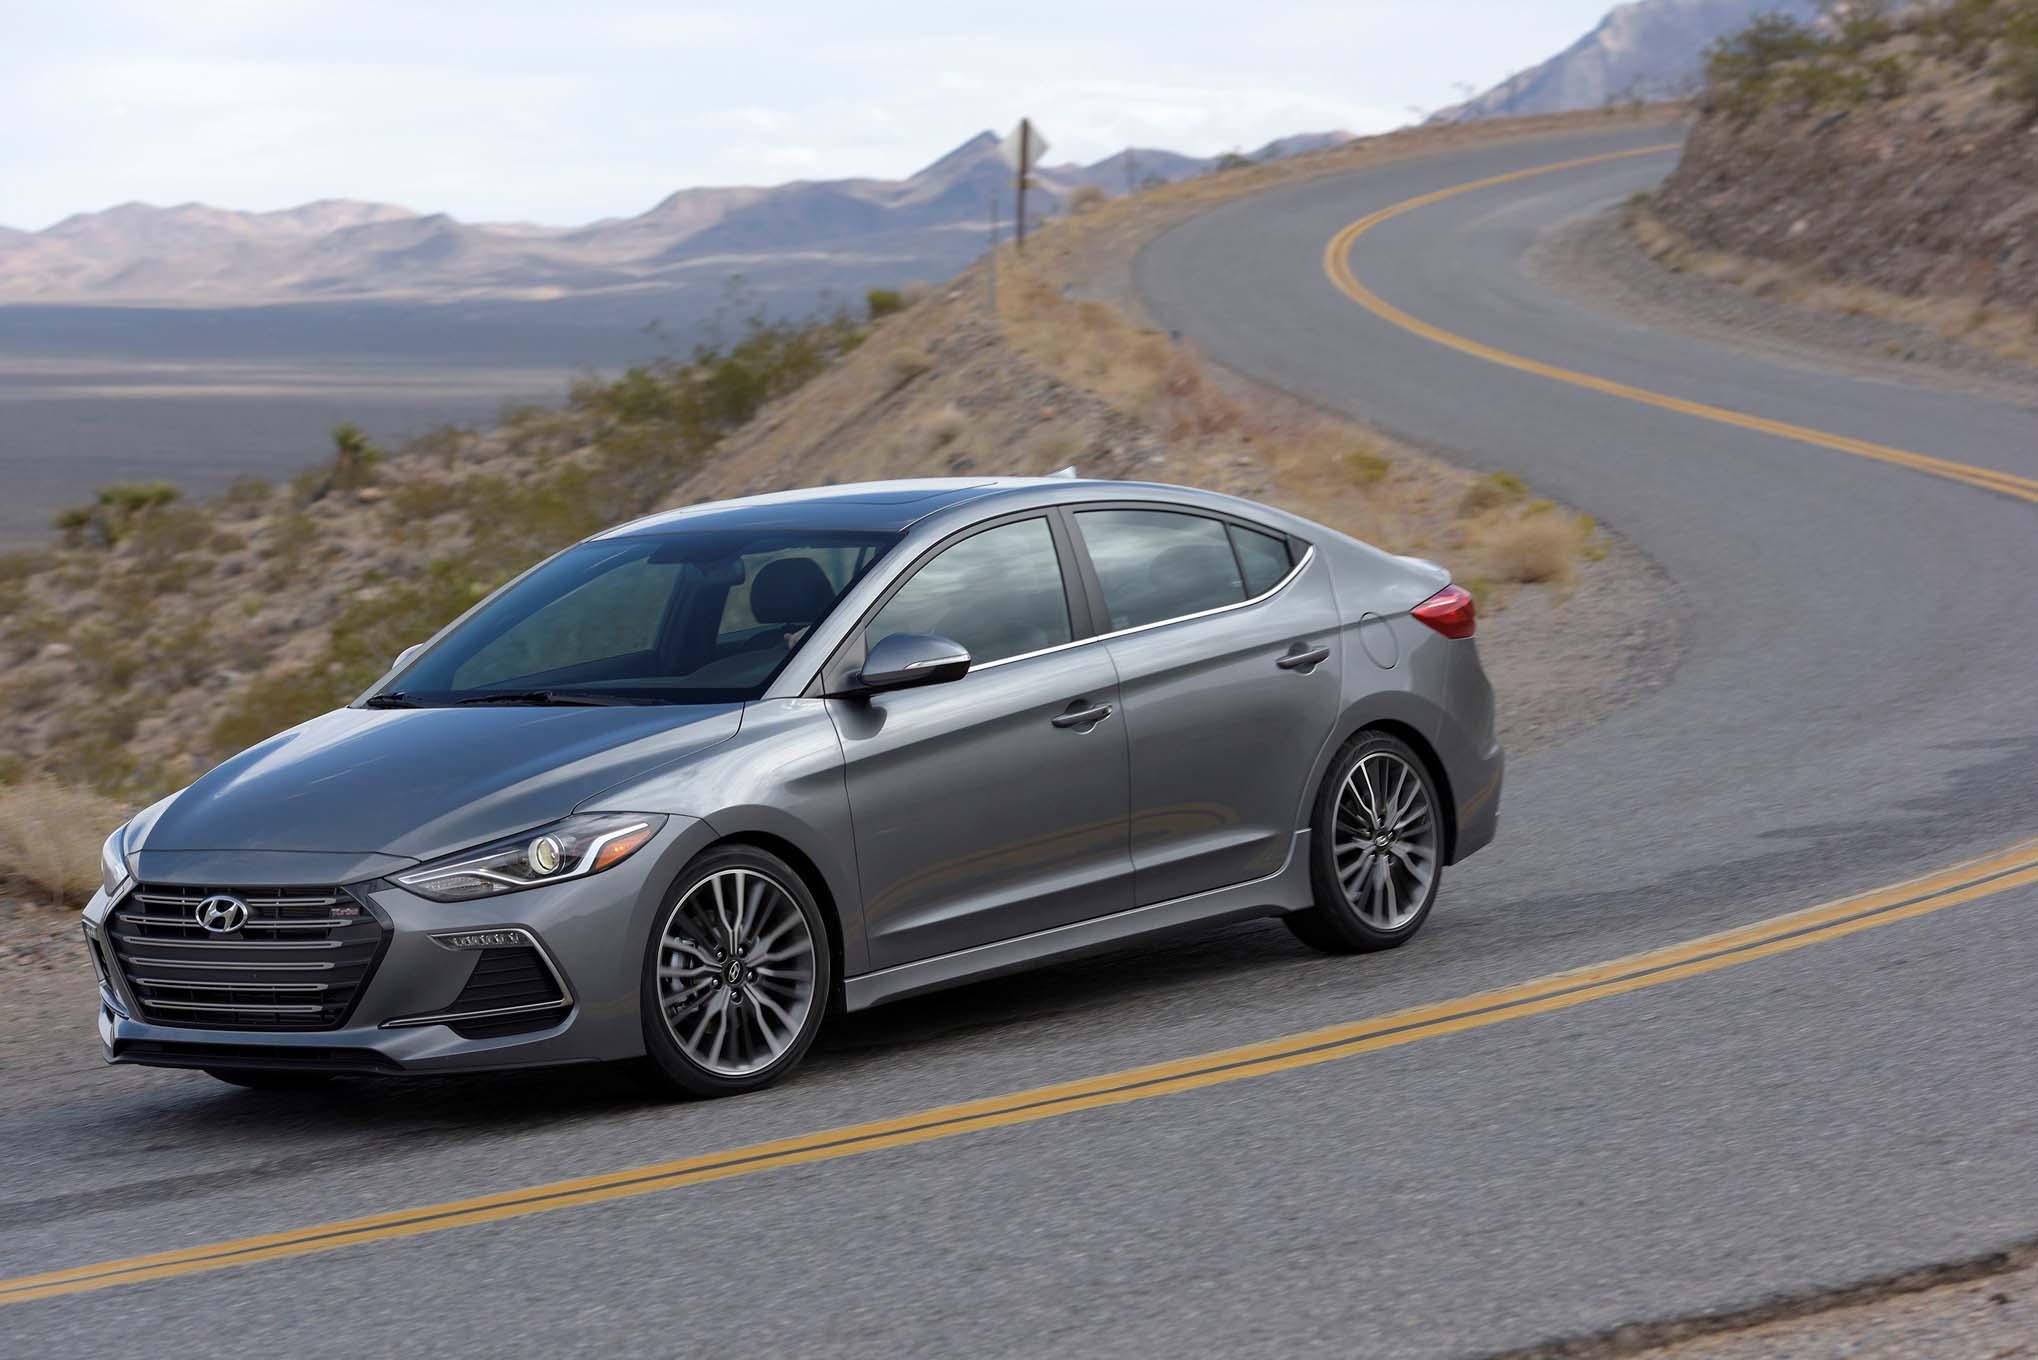 Turbocharged Hyundai Elantra Sport Revealed in Korea  Automobile